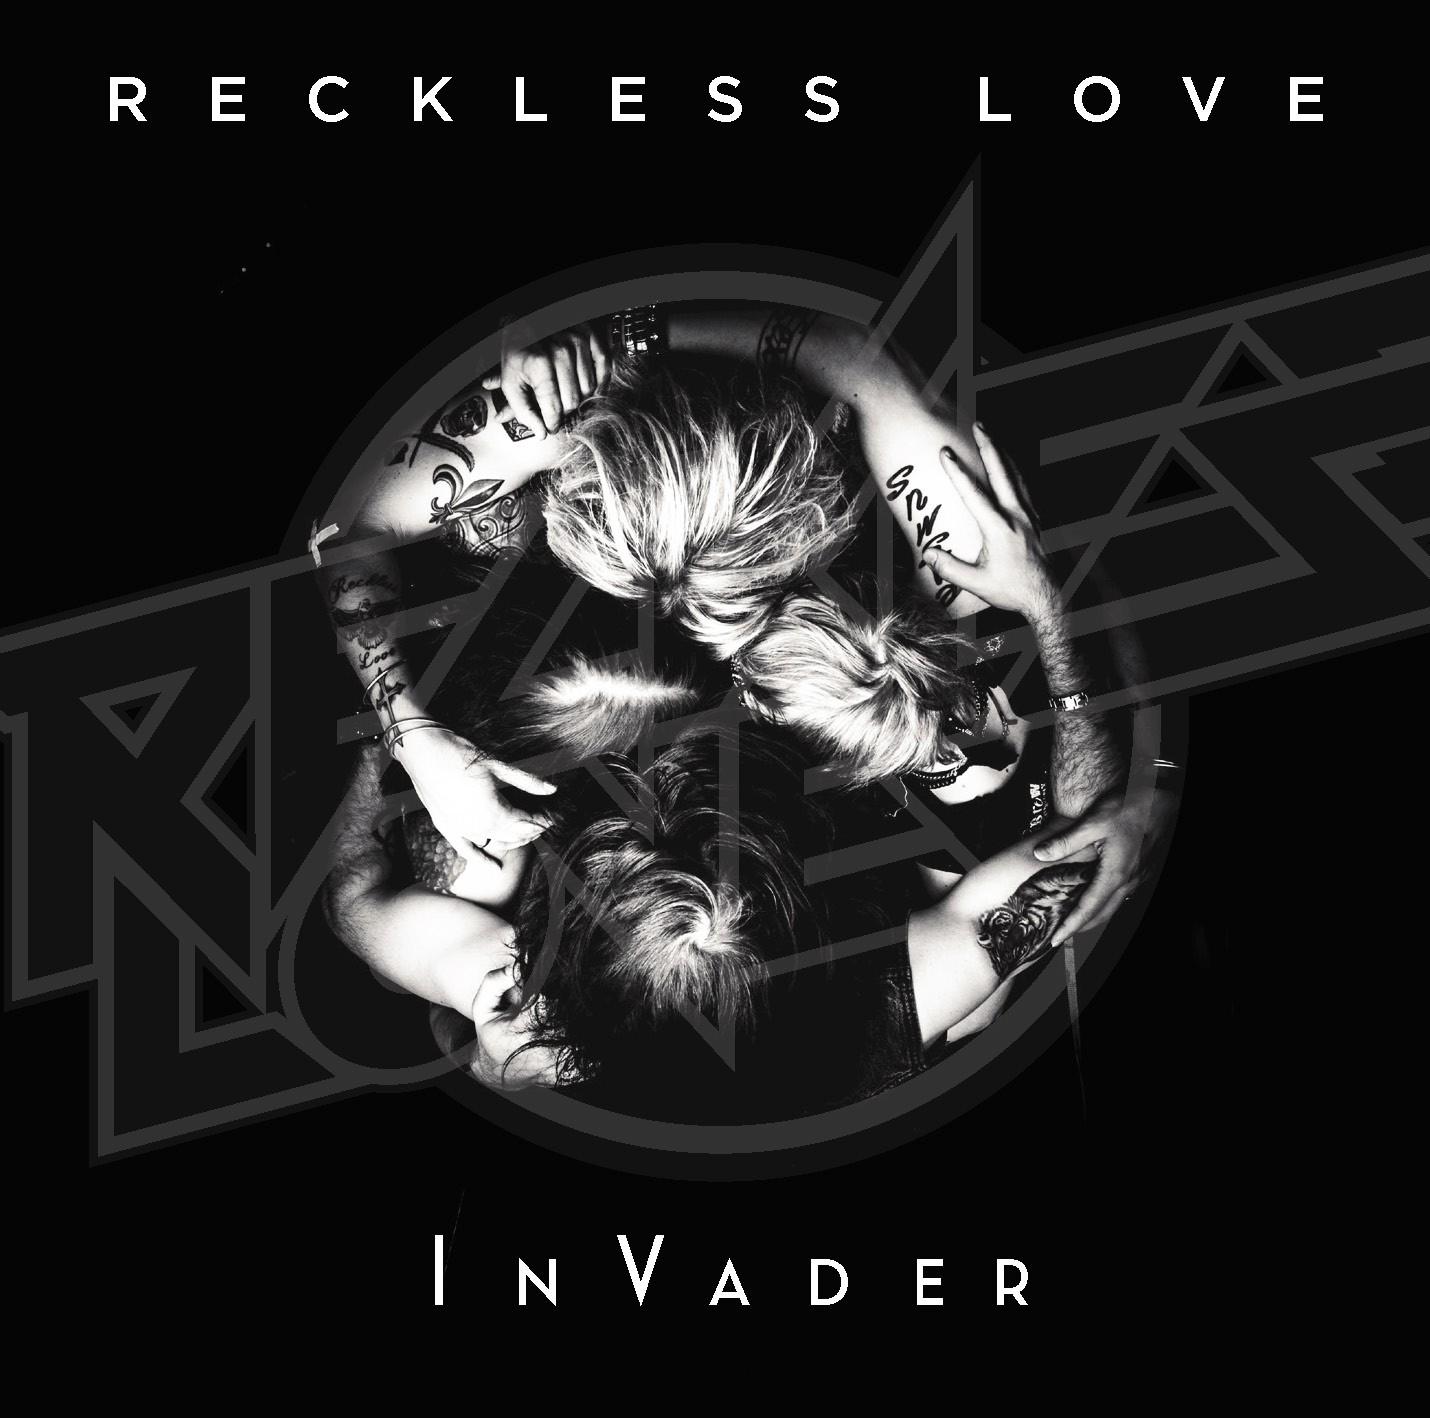 RECKLESS LOVE - InVader